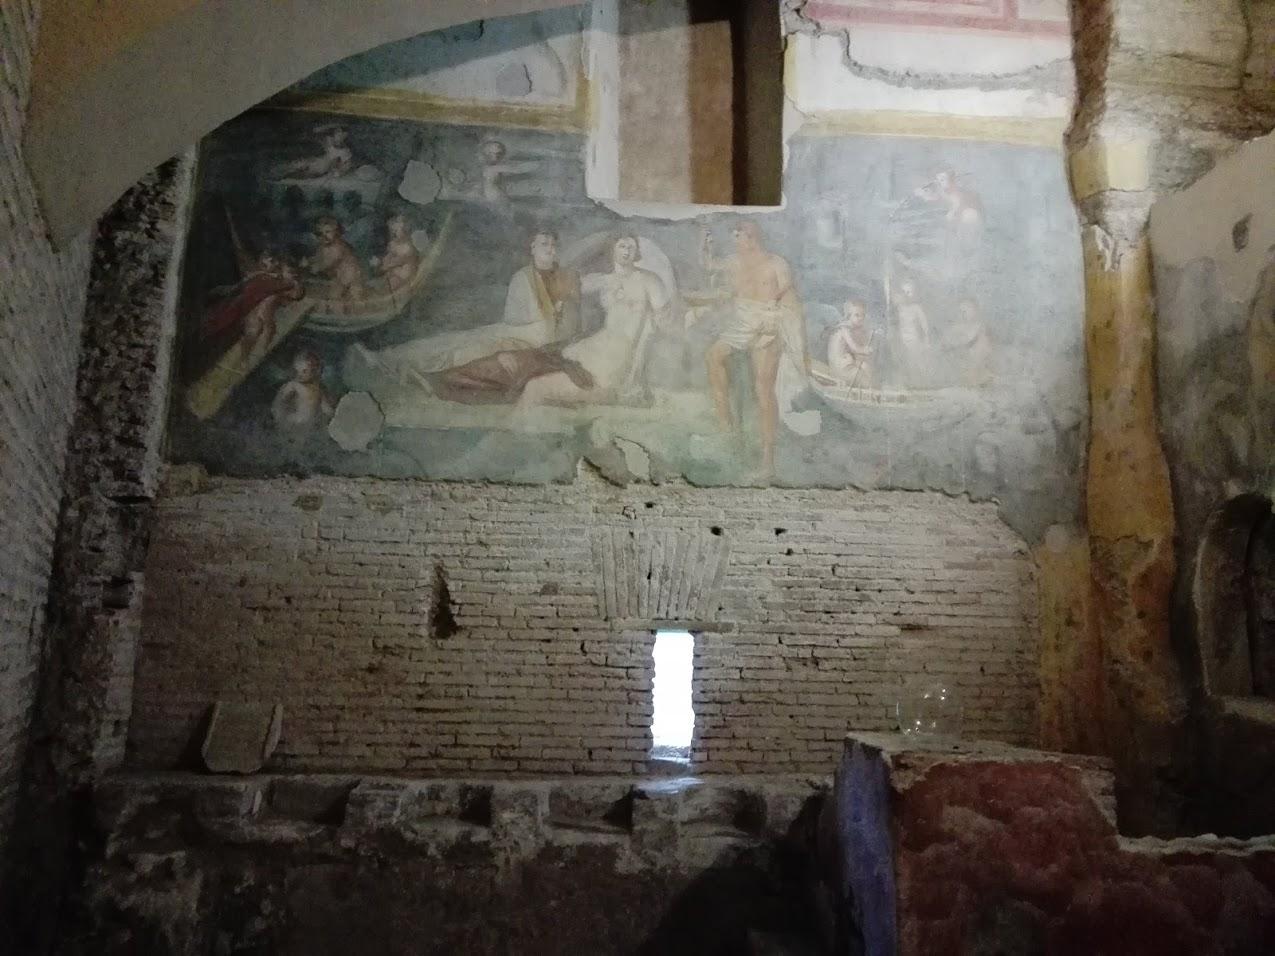 Pasti imperiali lanciato a roma il progetto di slow food for Ricette romane antiche